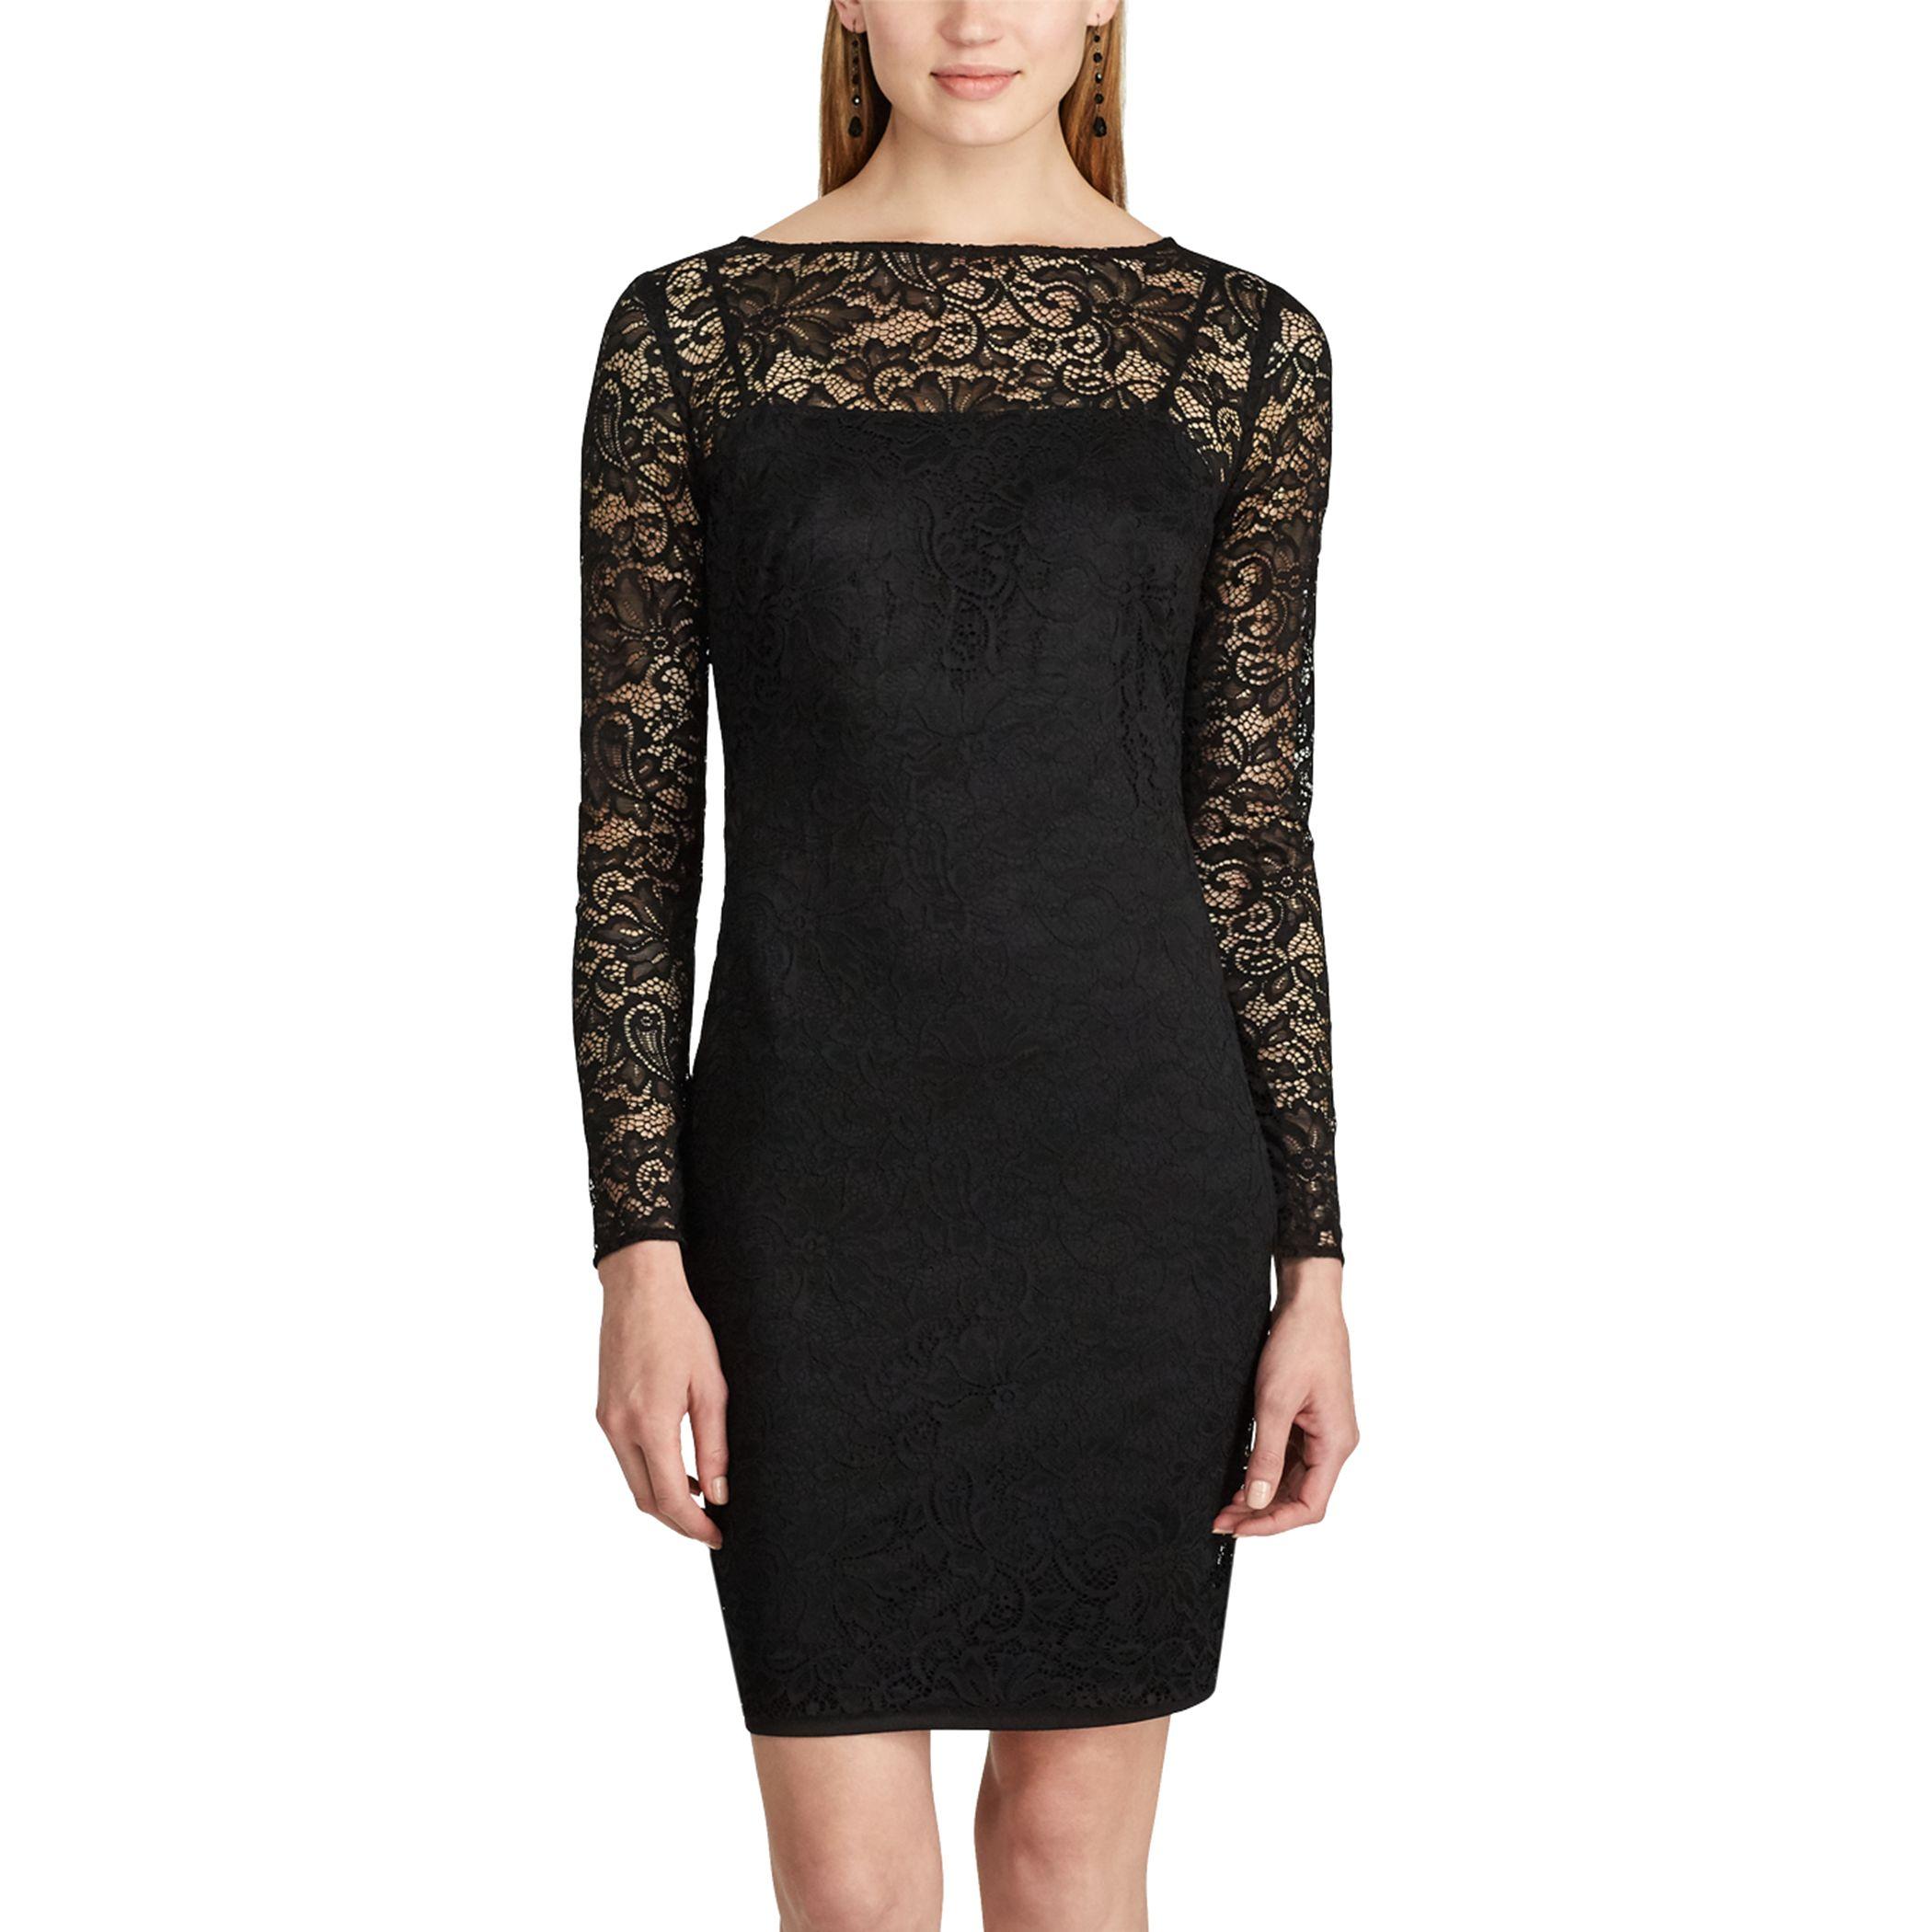 The long black dress kohls